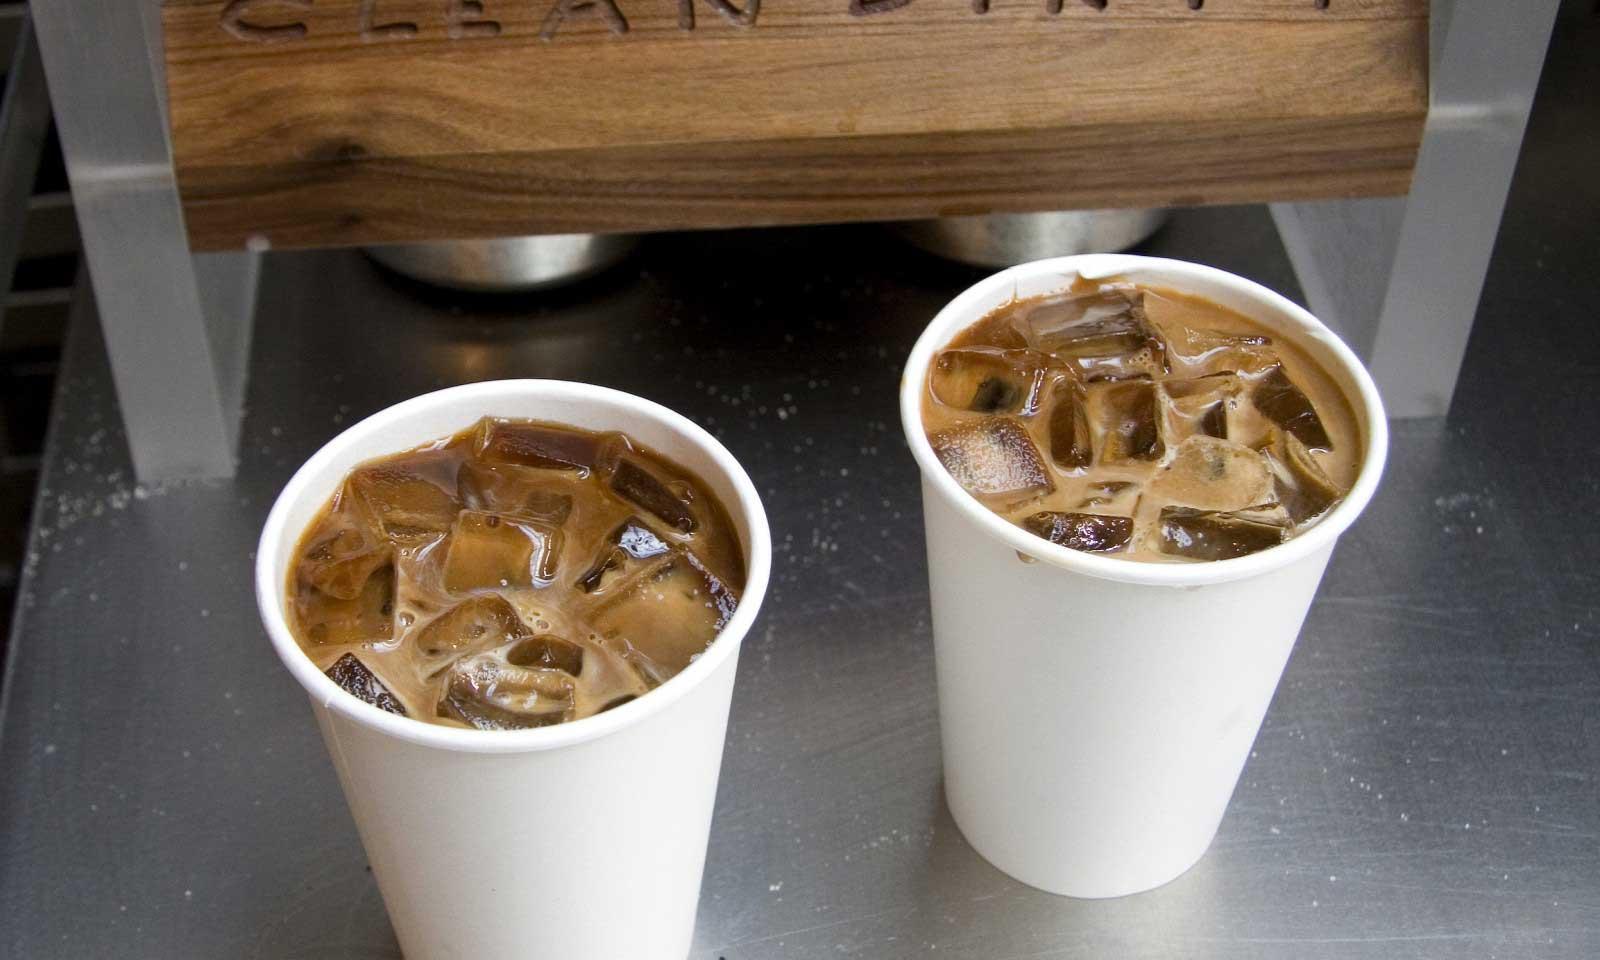 2 iced coffee drinks